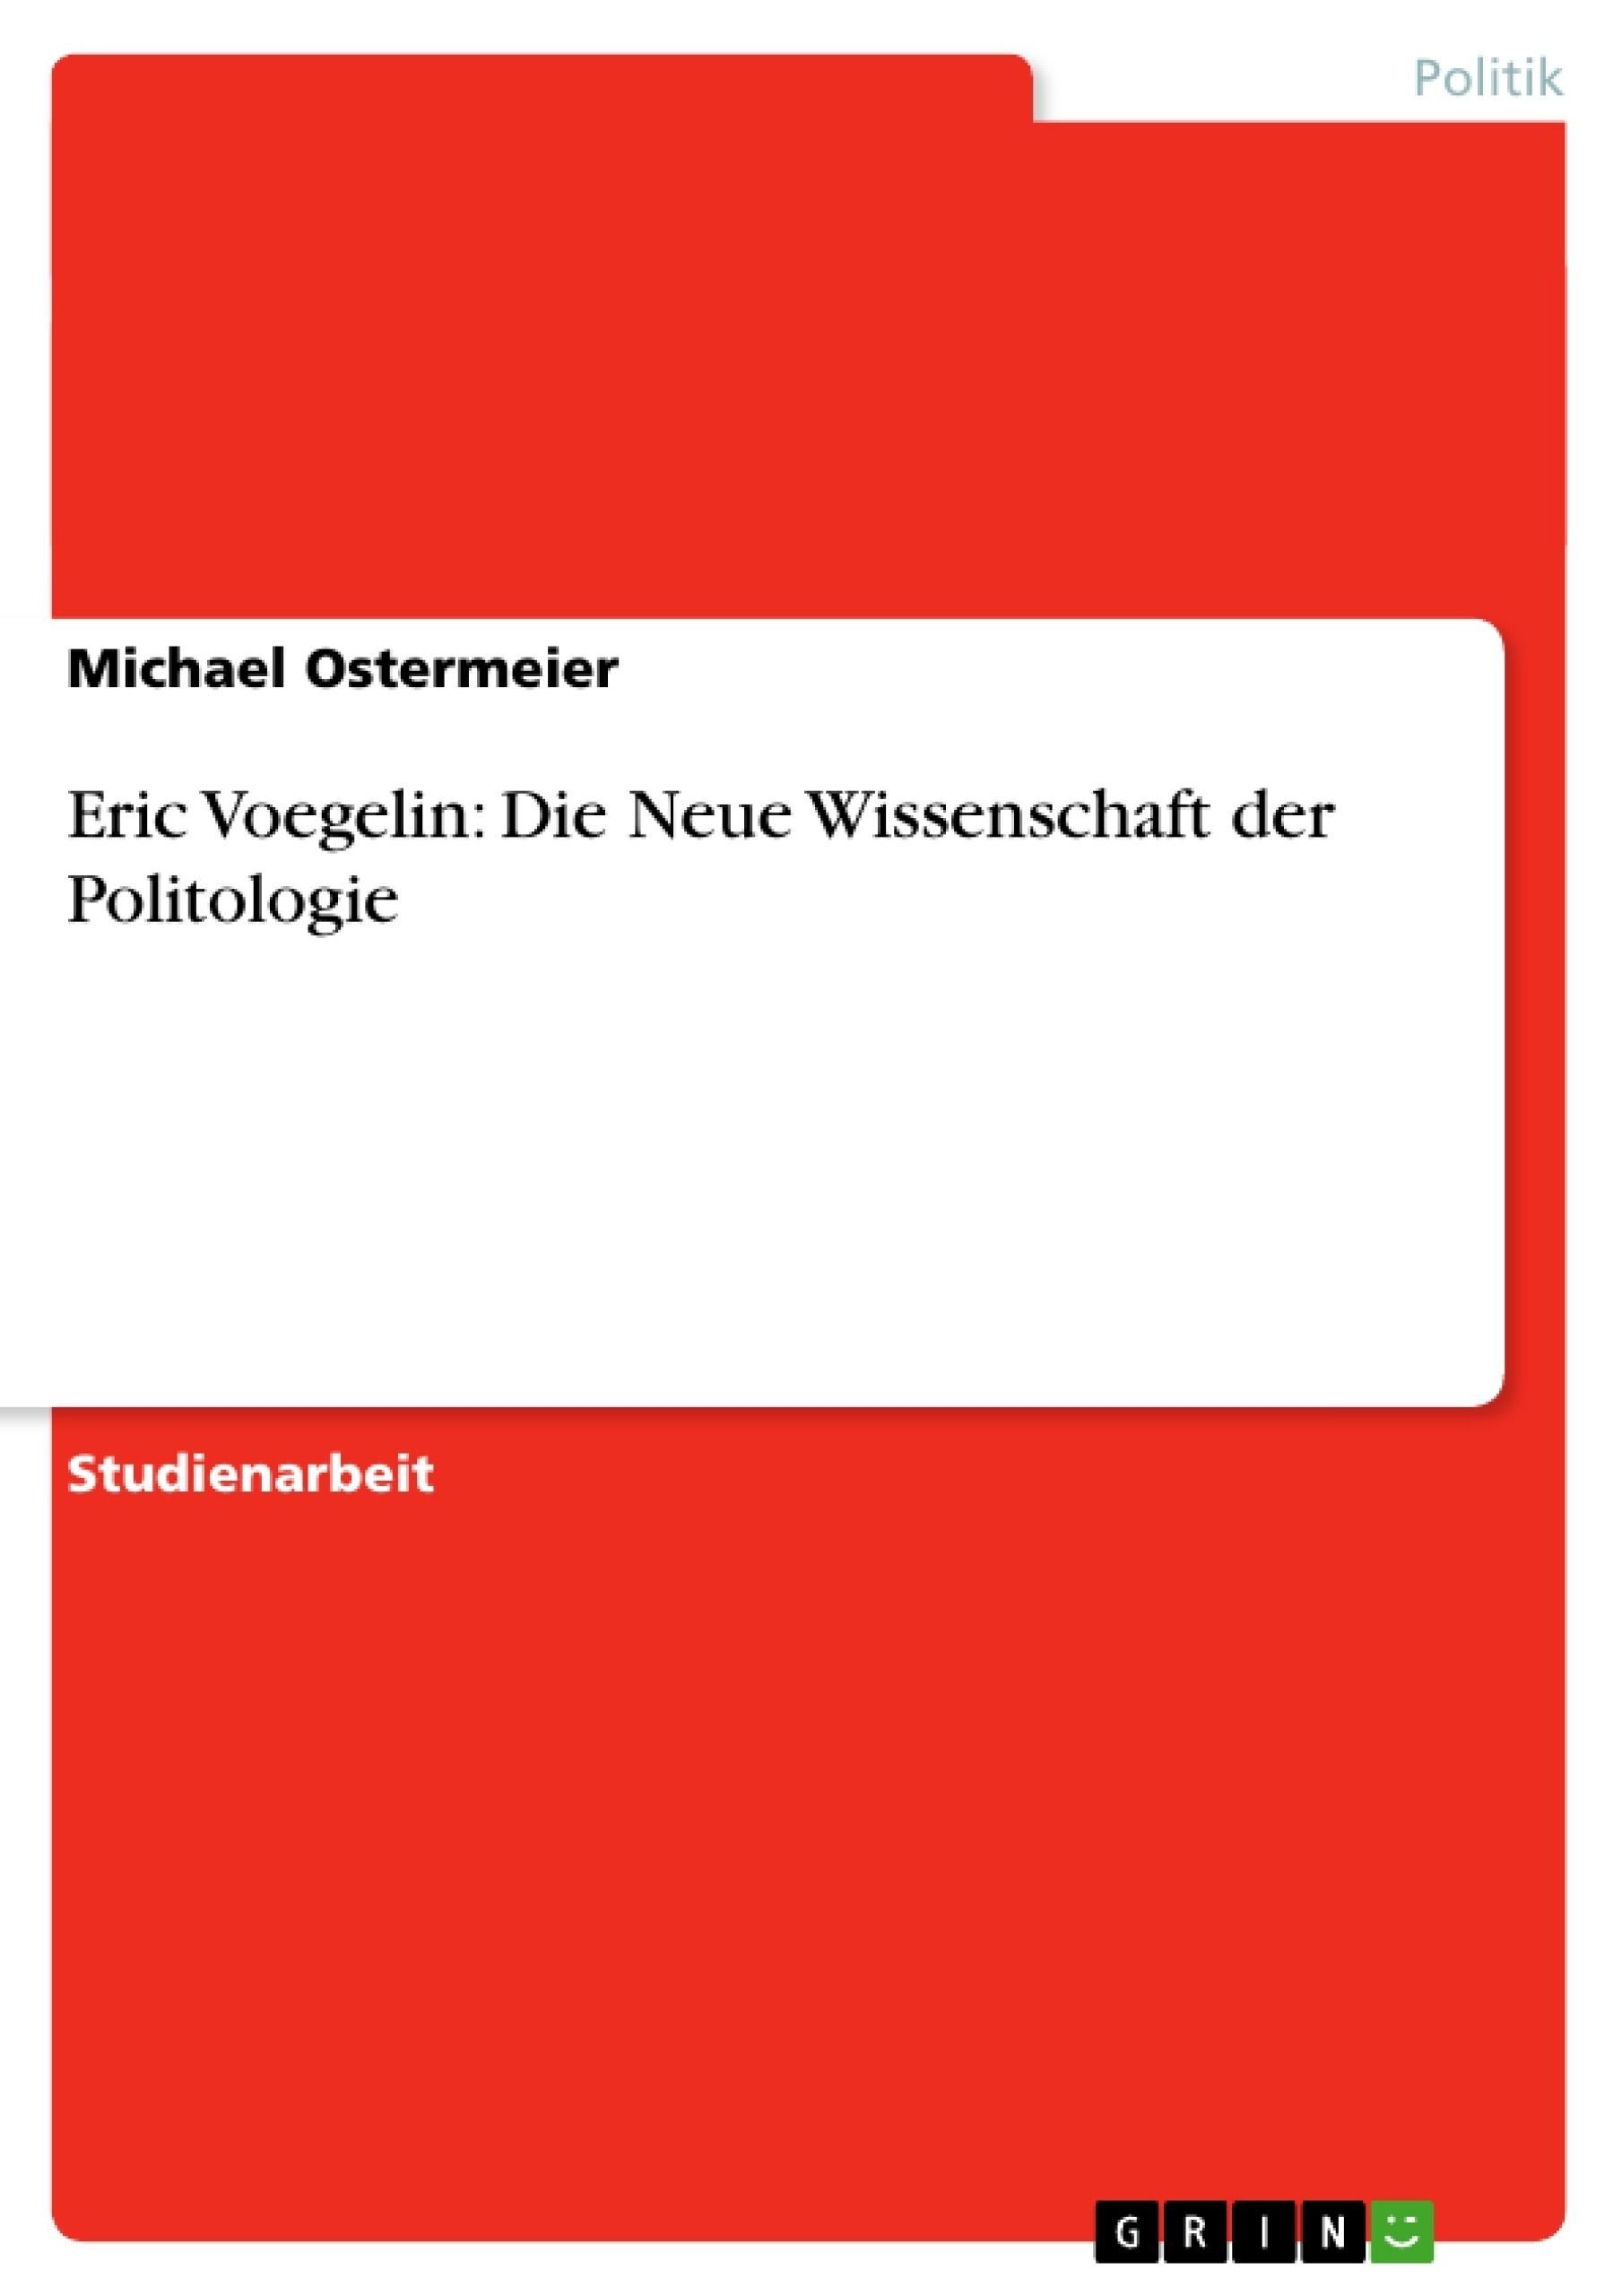 Titel: Eric Voegelin: Die Neue Wissenschaft der Politologie